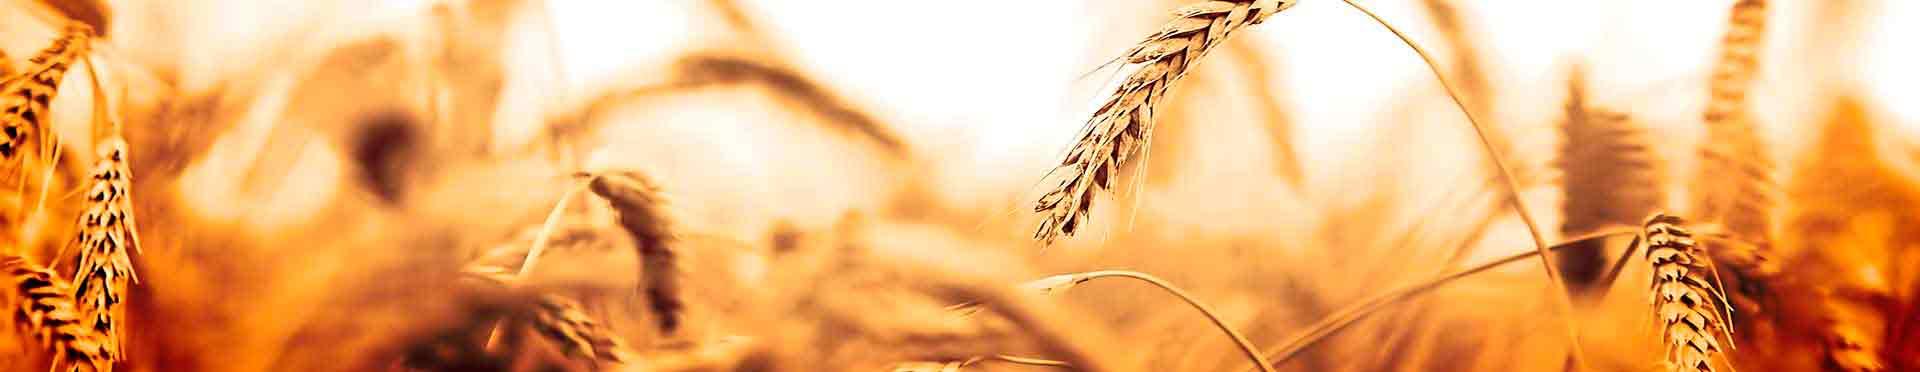 servicio de consultoría en globalgap para la agricultura